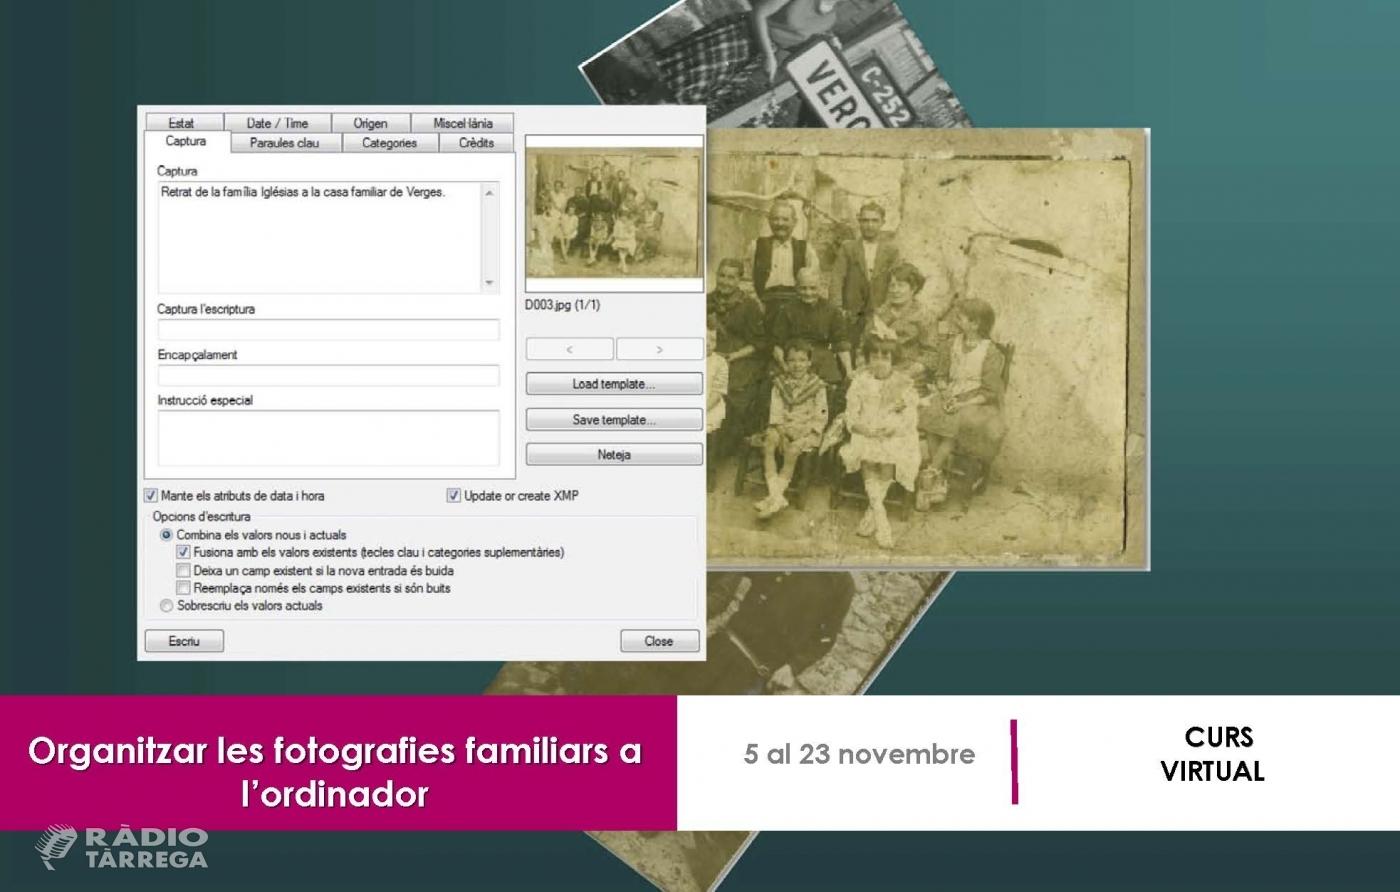 L'arxiu Comarcal de l'Urgell organitza un curs per aprendre a organitzar les fotografies familiars a l'ordinador